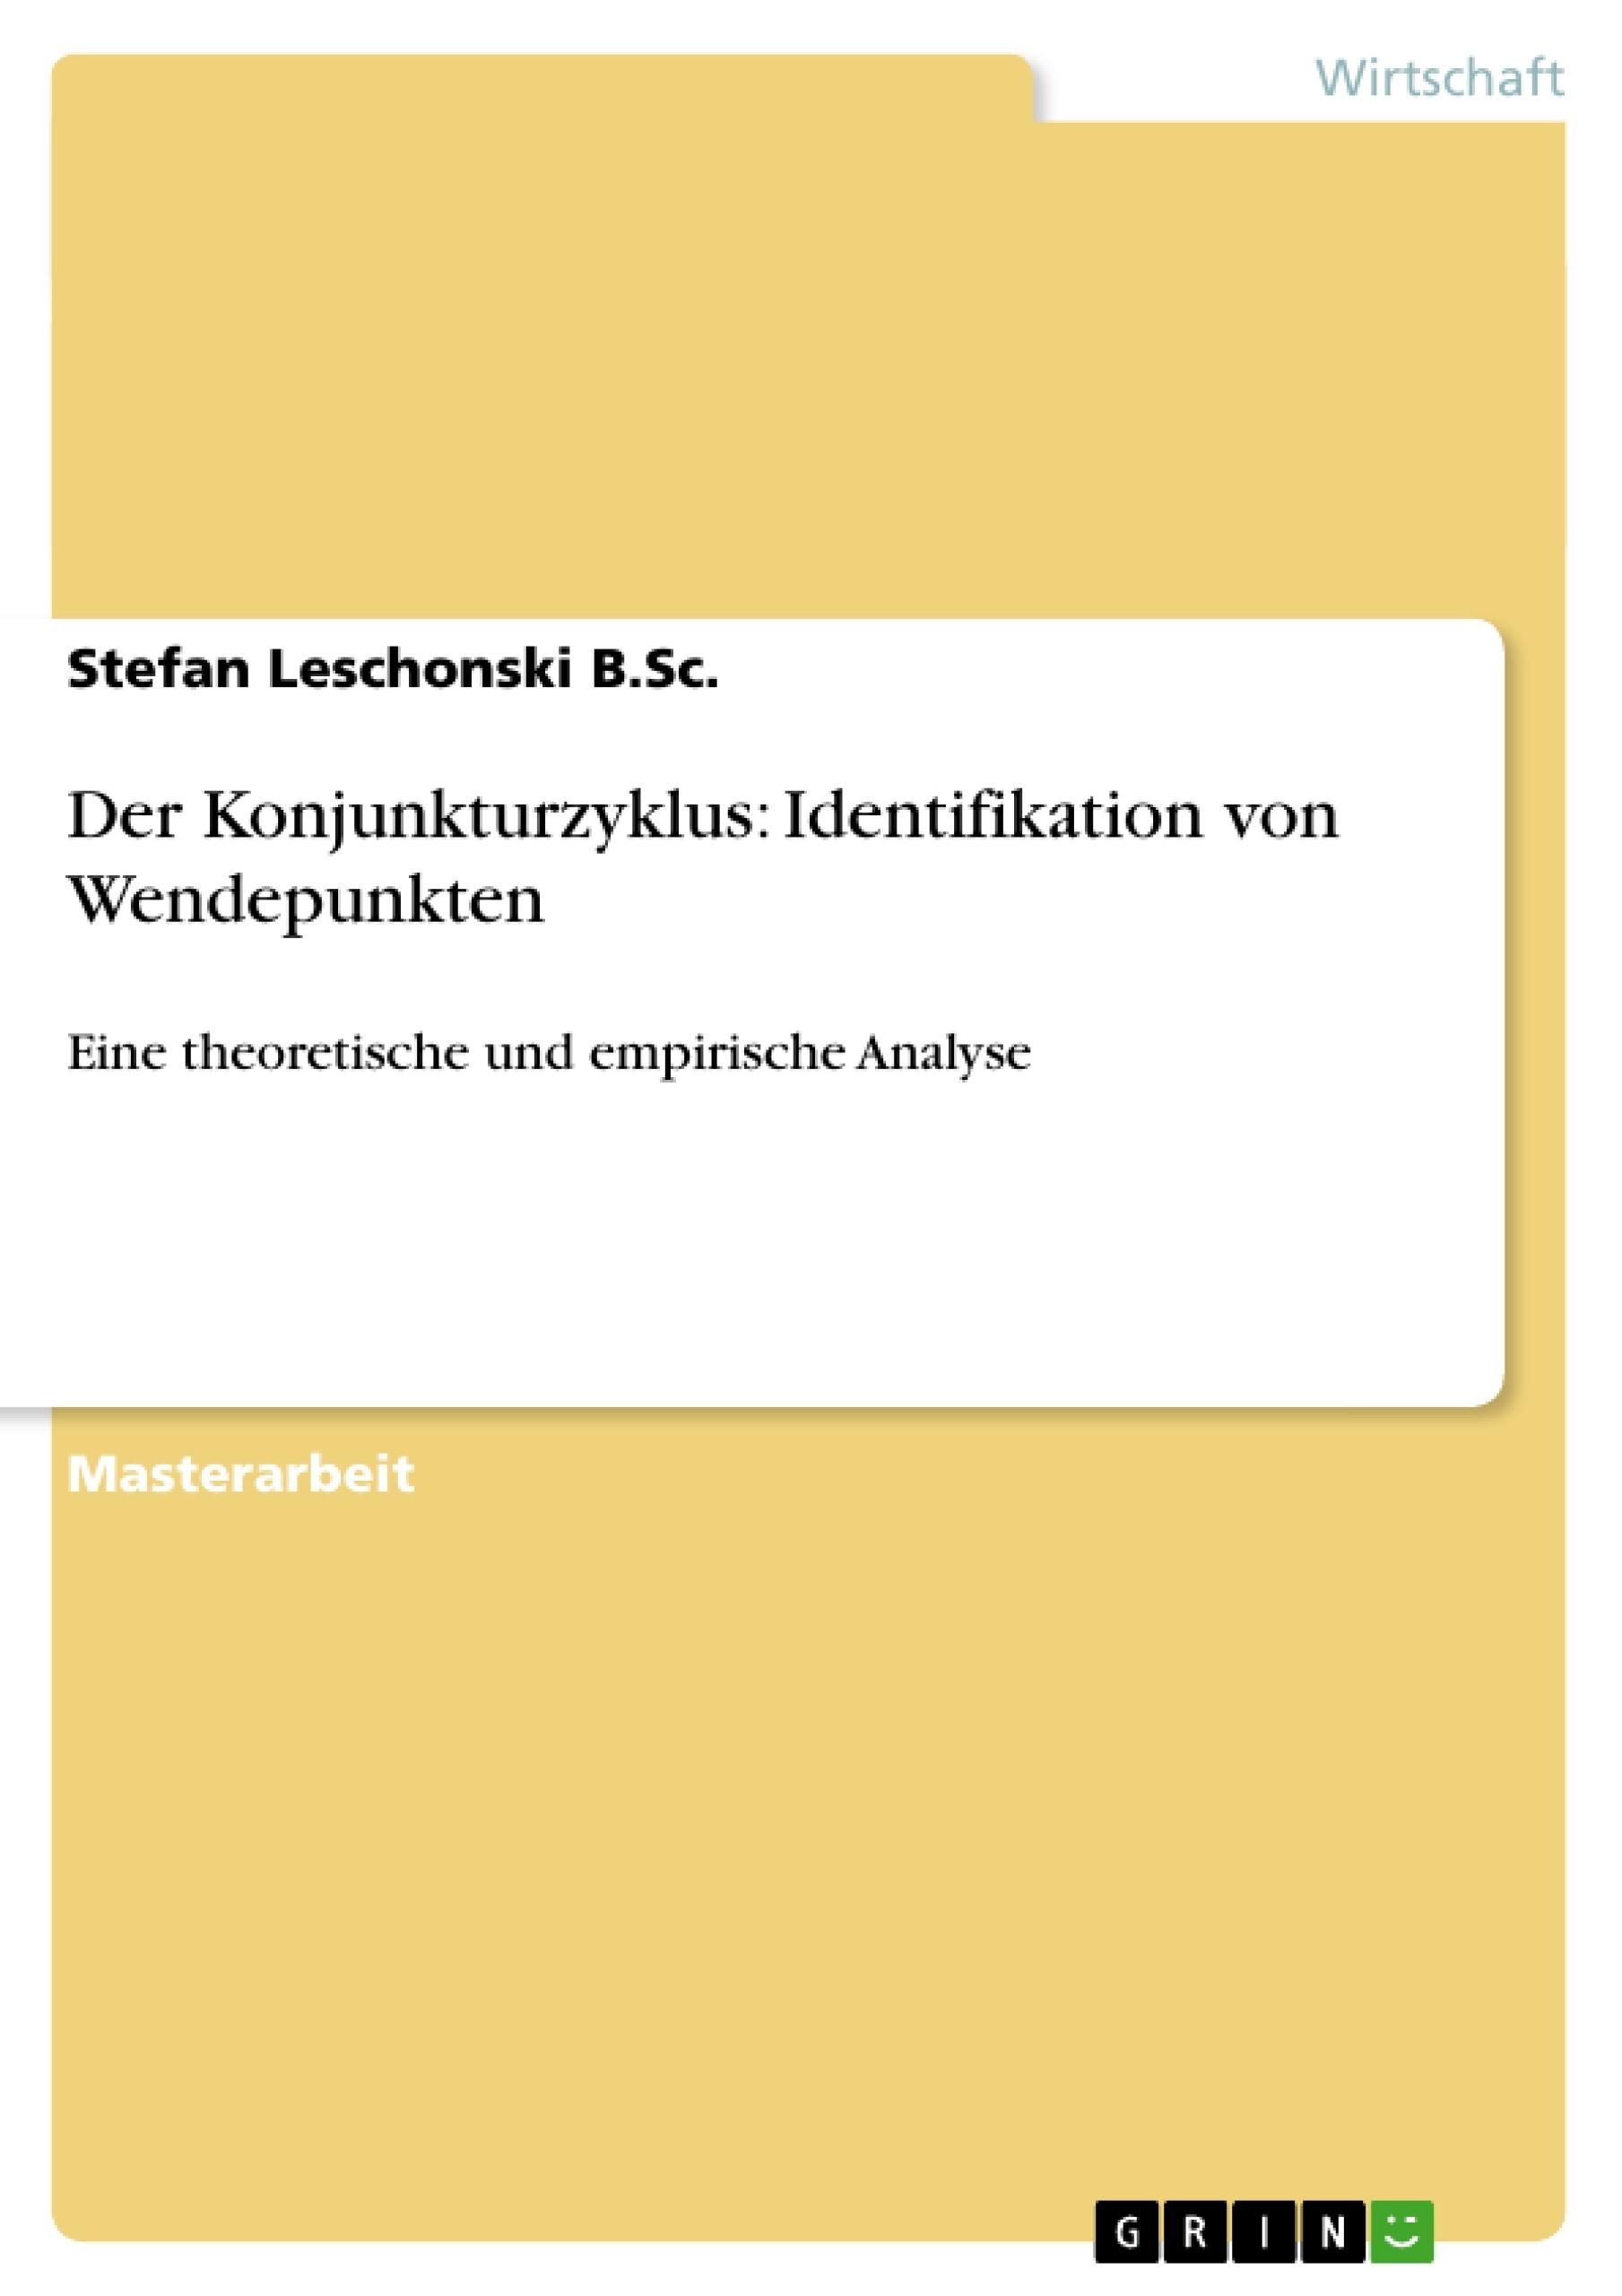 Titel: Der Konjunkturzyklus: Identifikation von Wendepunkten